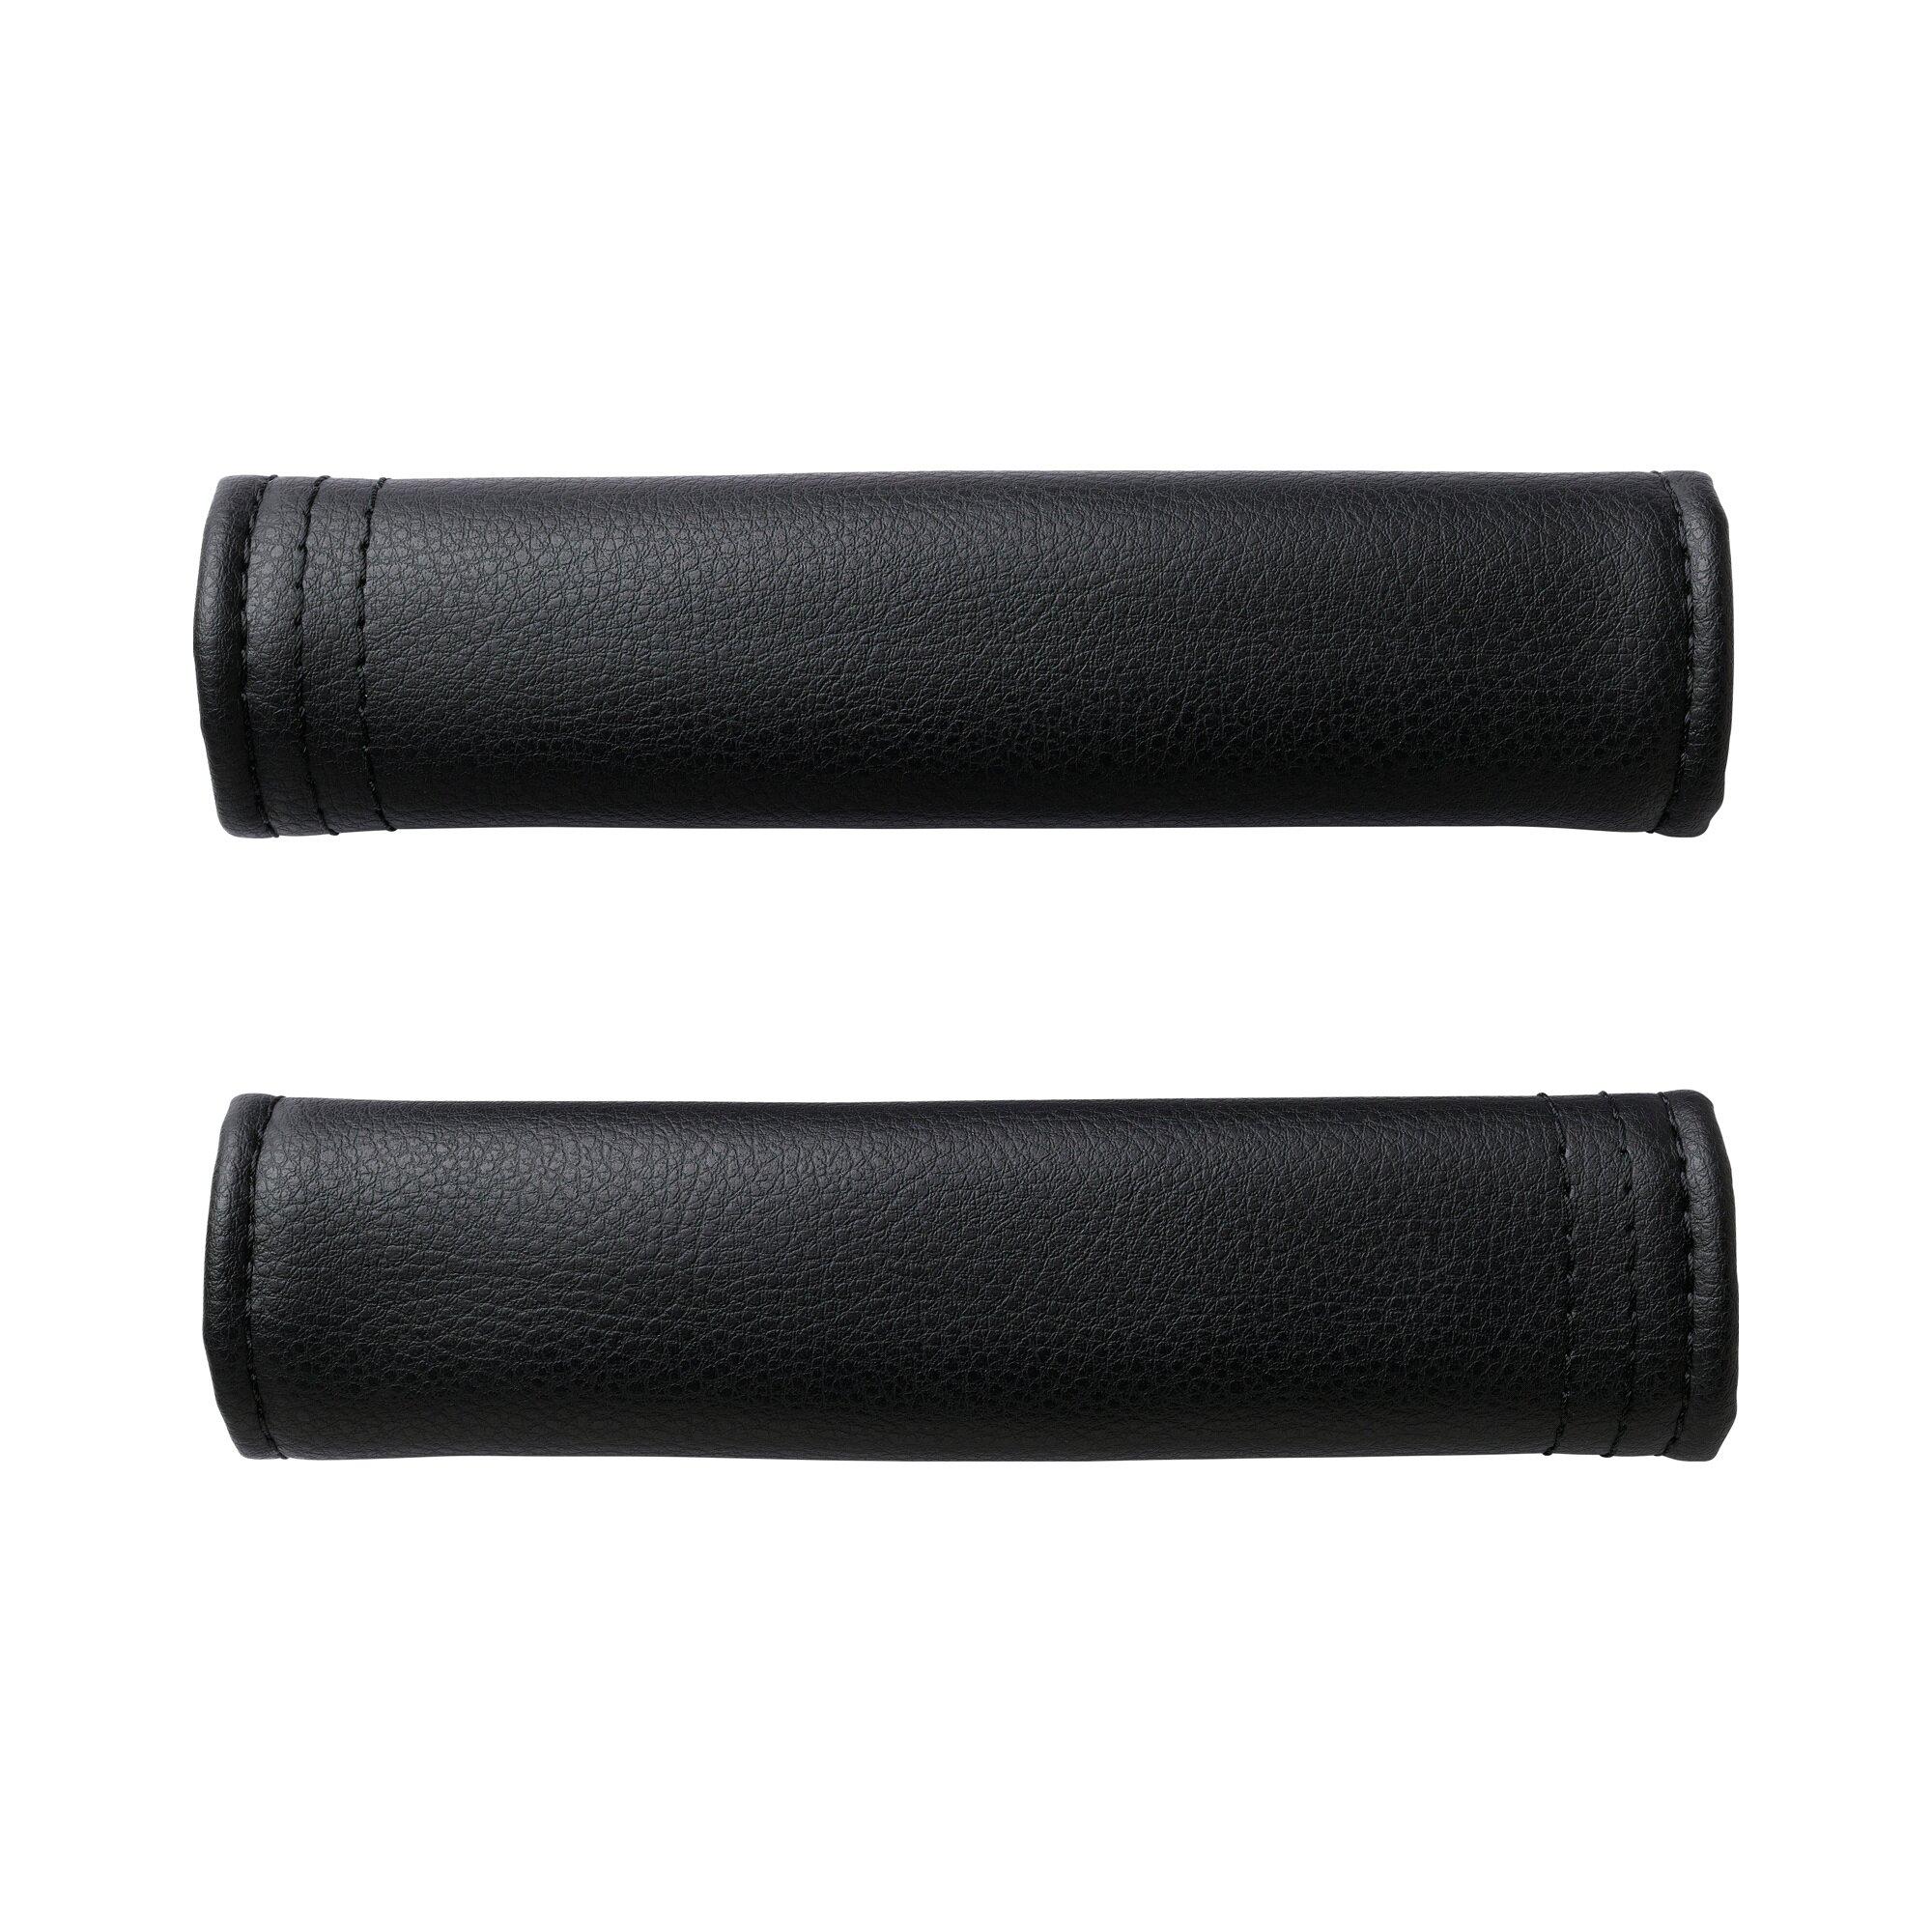 bee5-schiebe-und-tragebugel-upgrade-set-schwarz